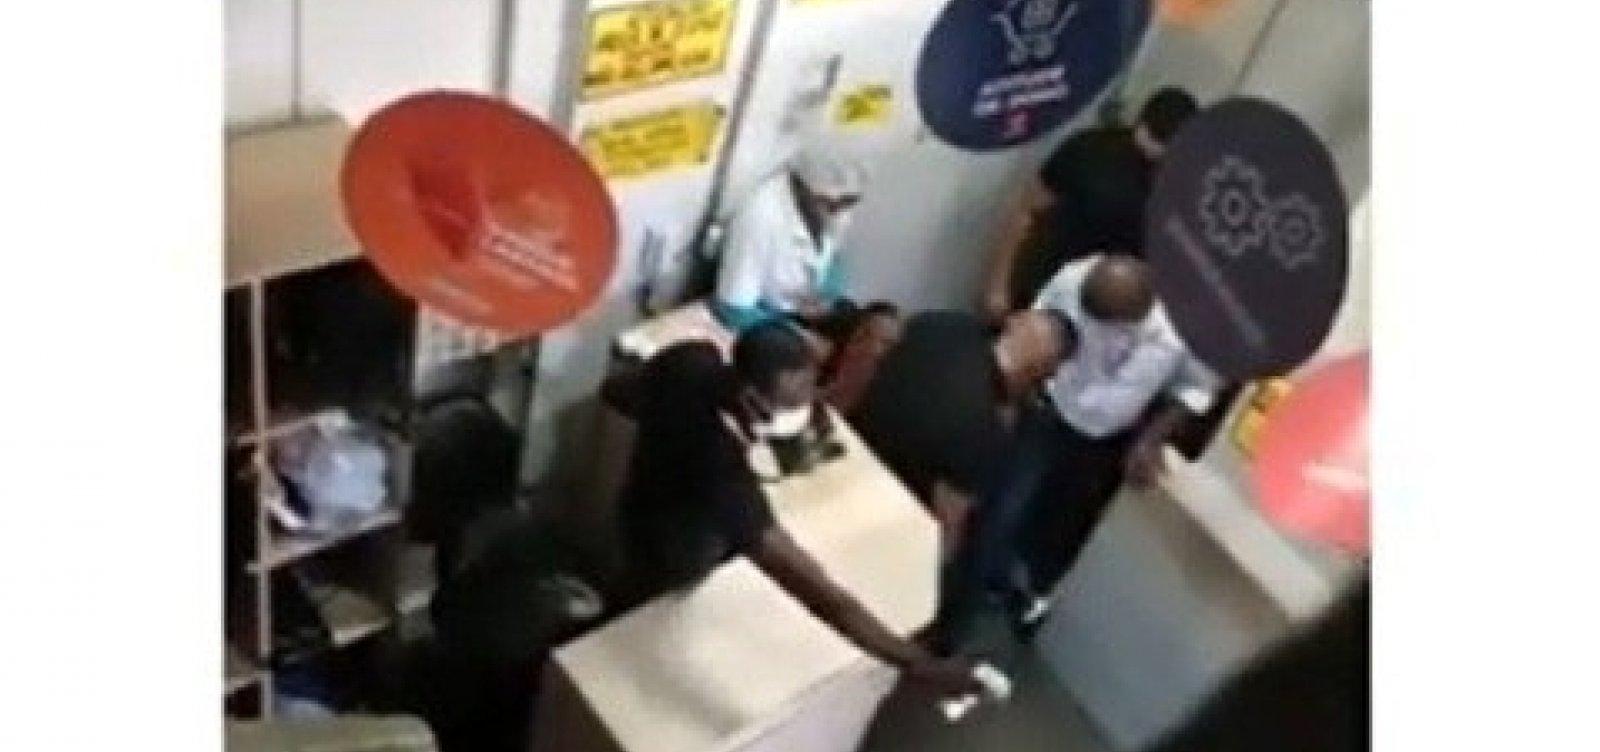 Vídeo mostra agressão em supermercado; delegada diz que traficantes tiveram acesso ao estabelecimento